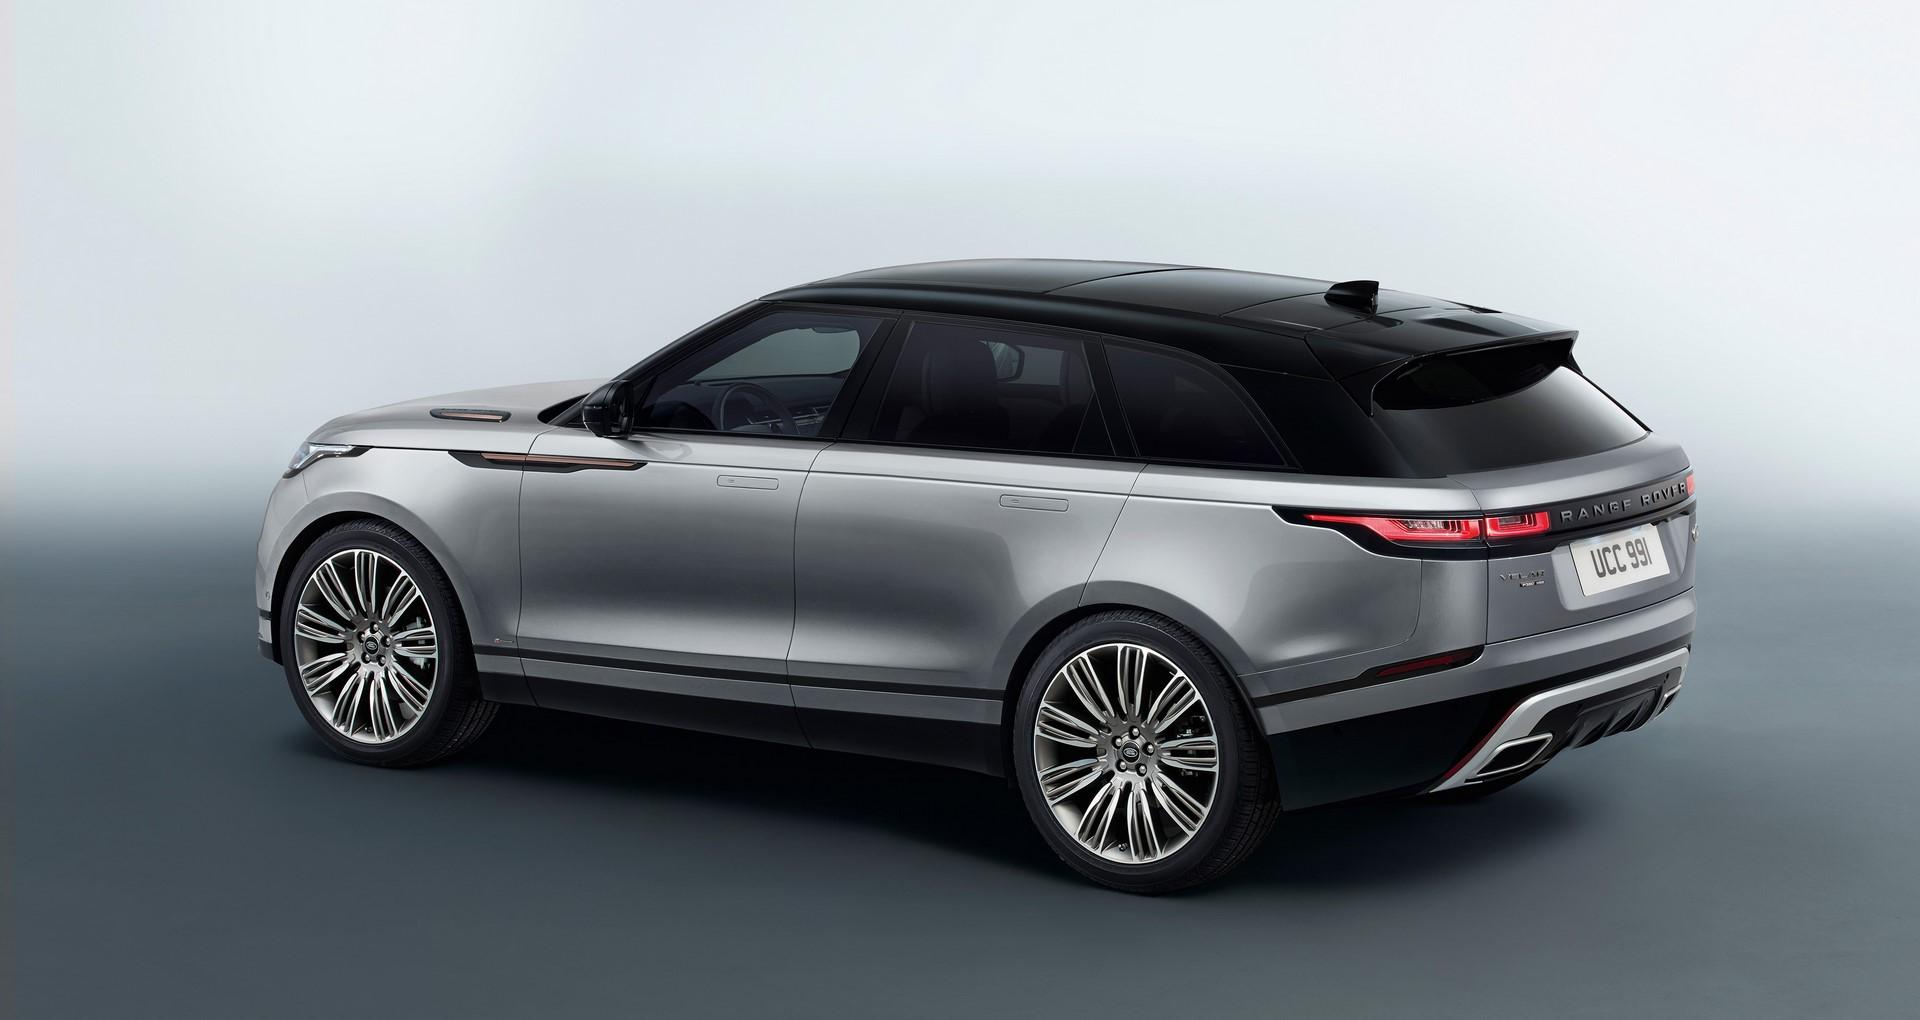 Range Rover Velar 2017 (8)